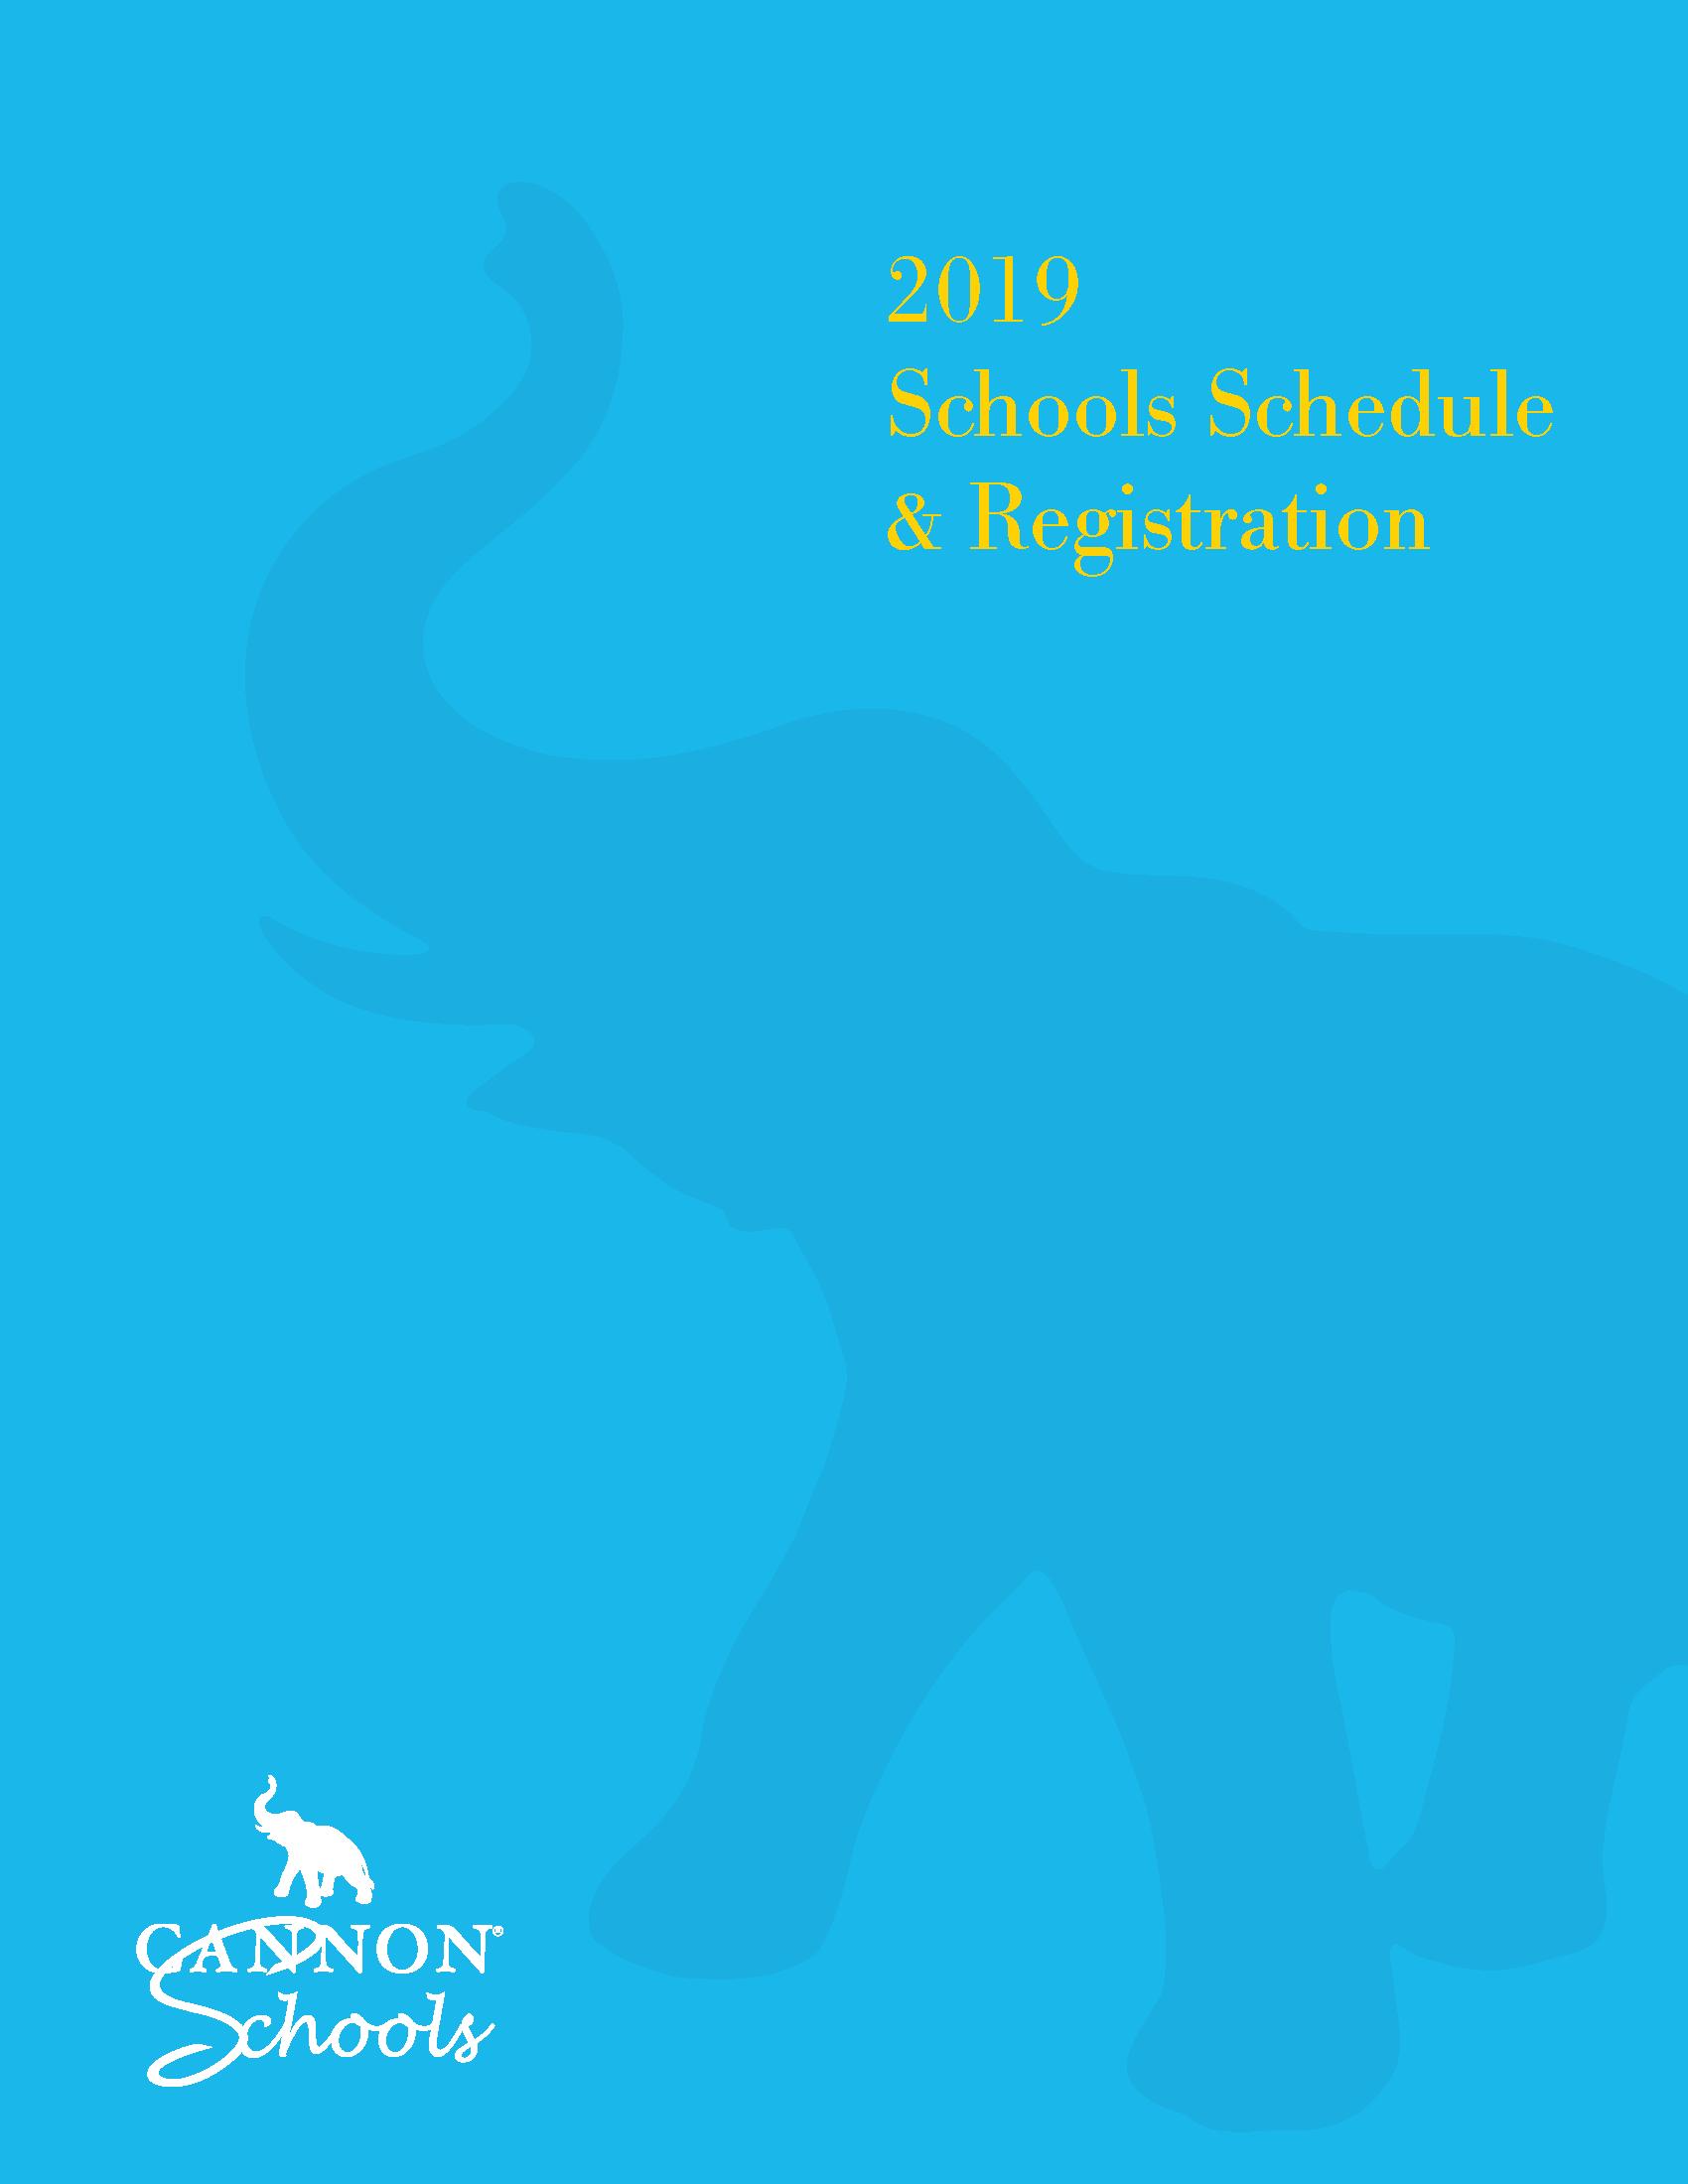 2019 Schools Schedule